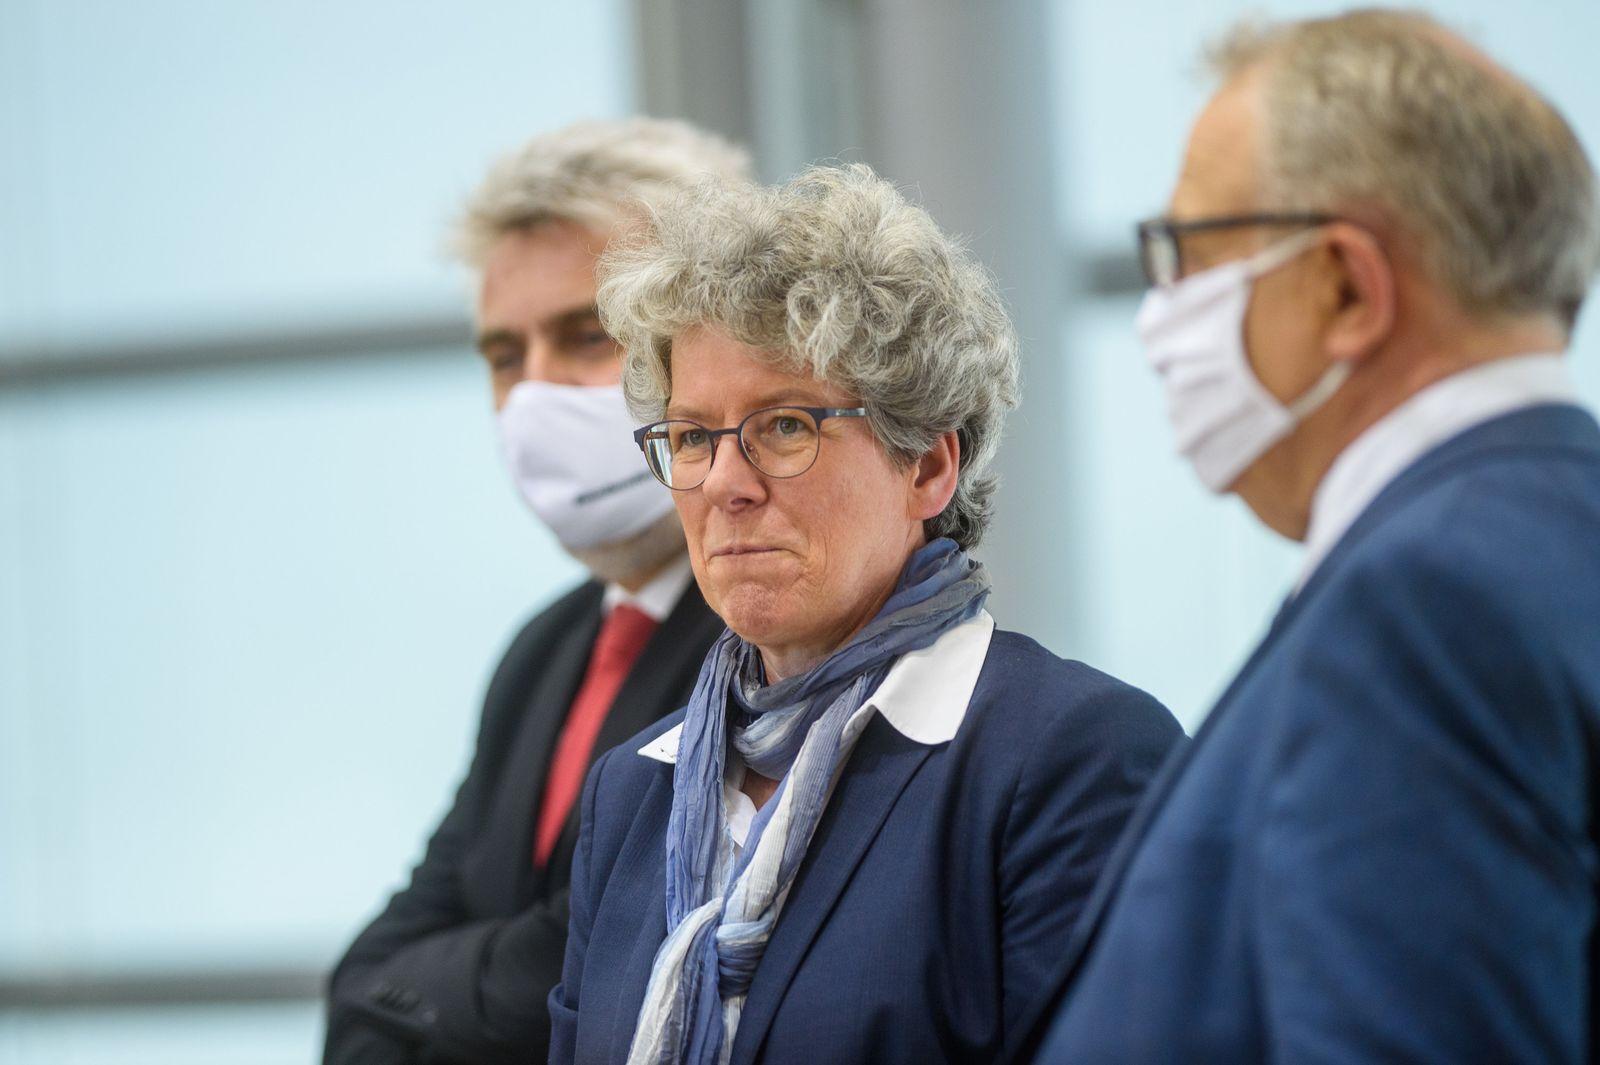 Landtagssitzung zur Situation in den Justizvollzugsanstalten